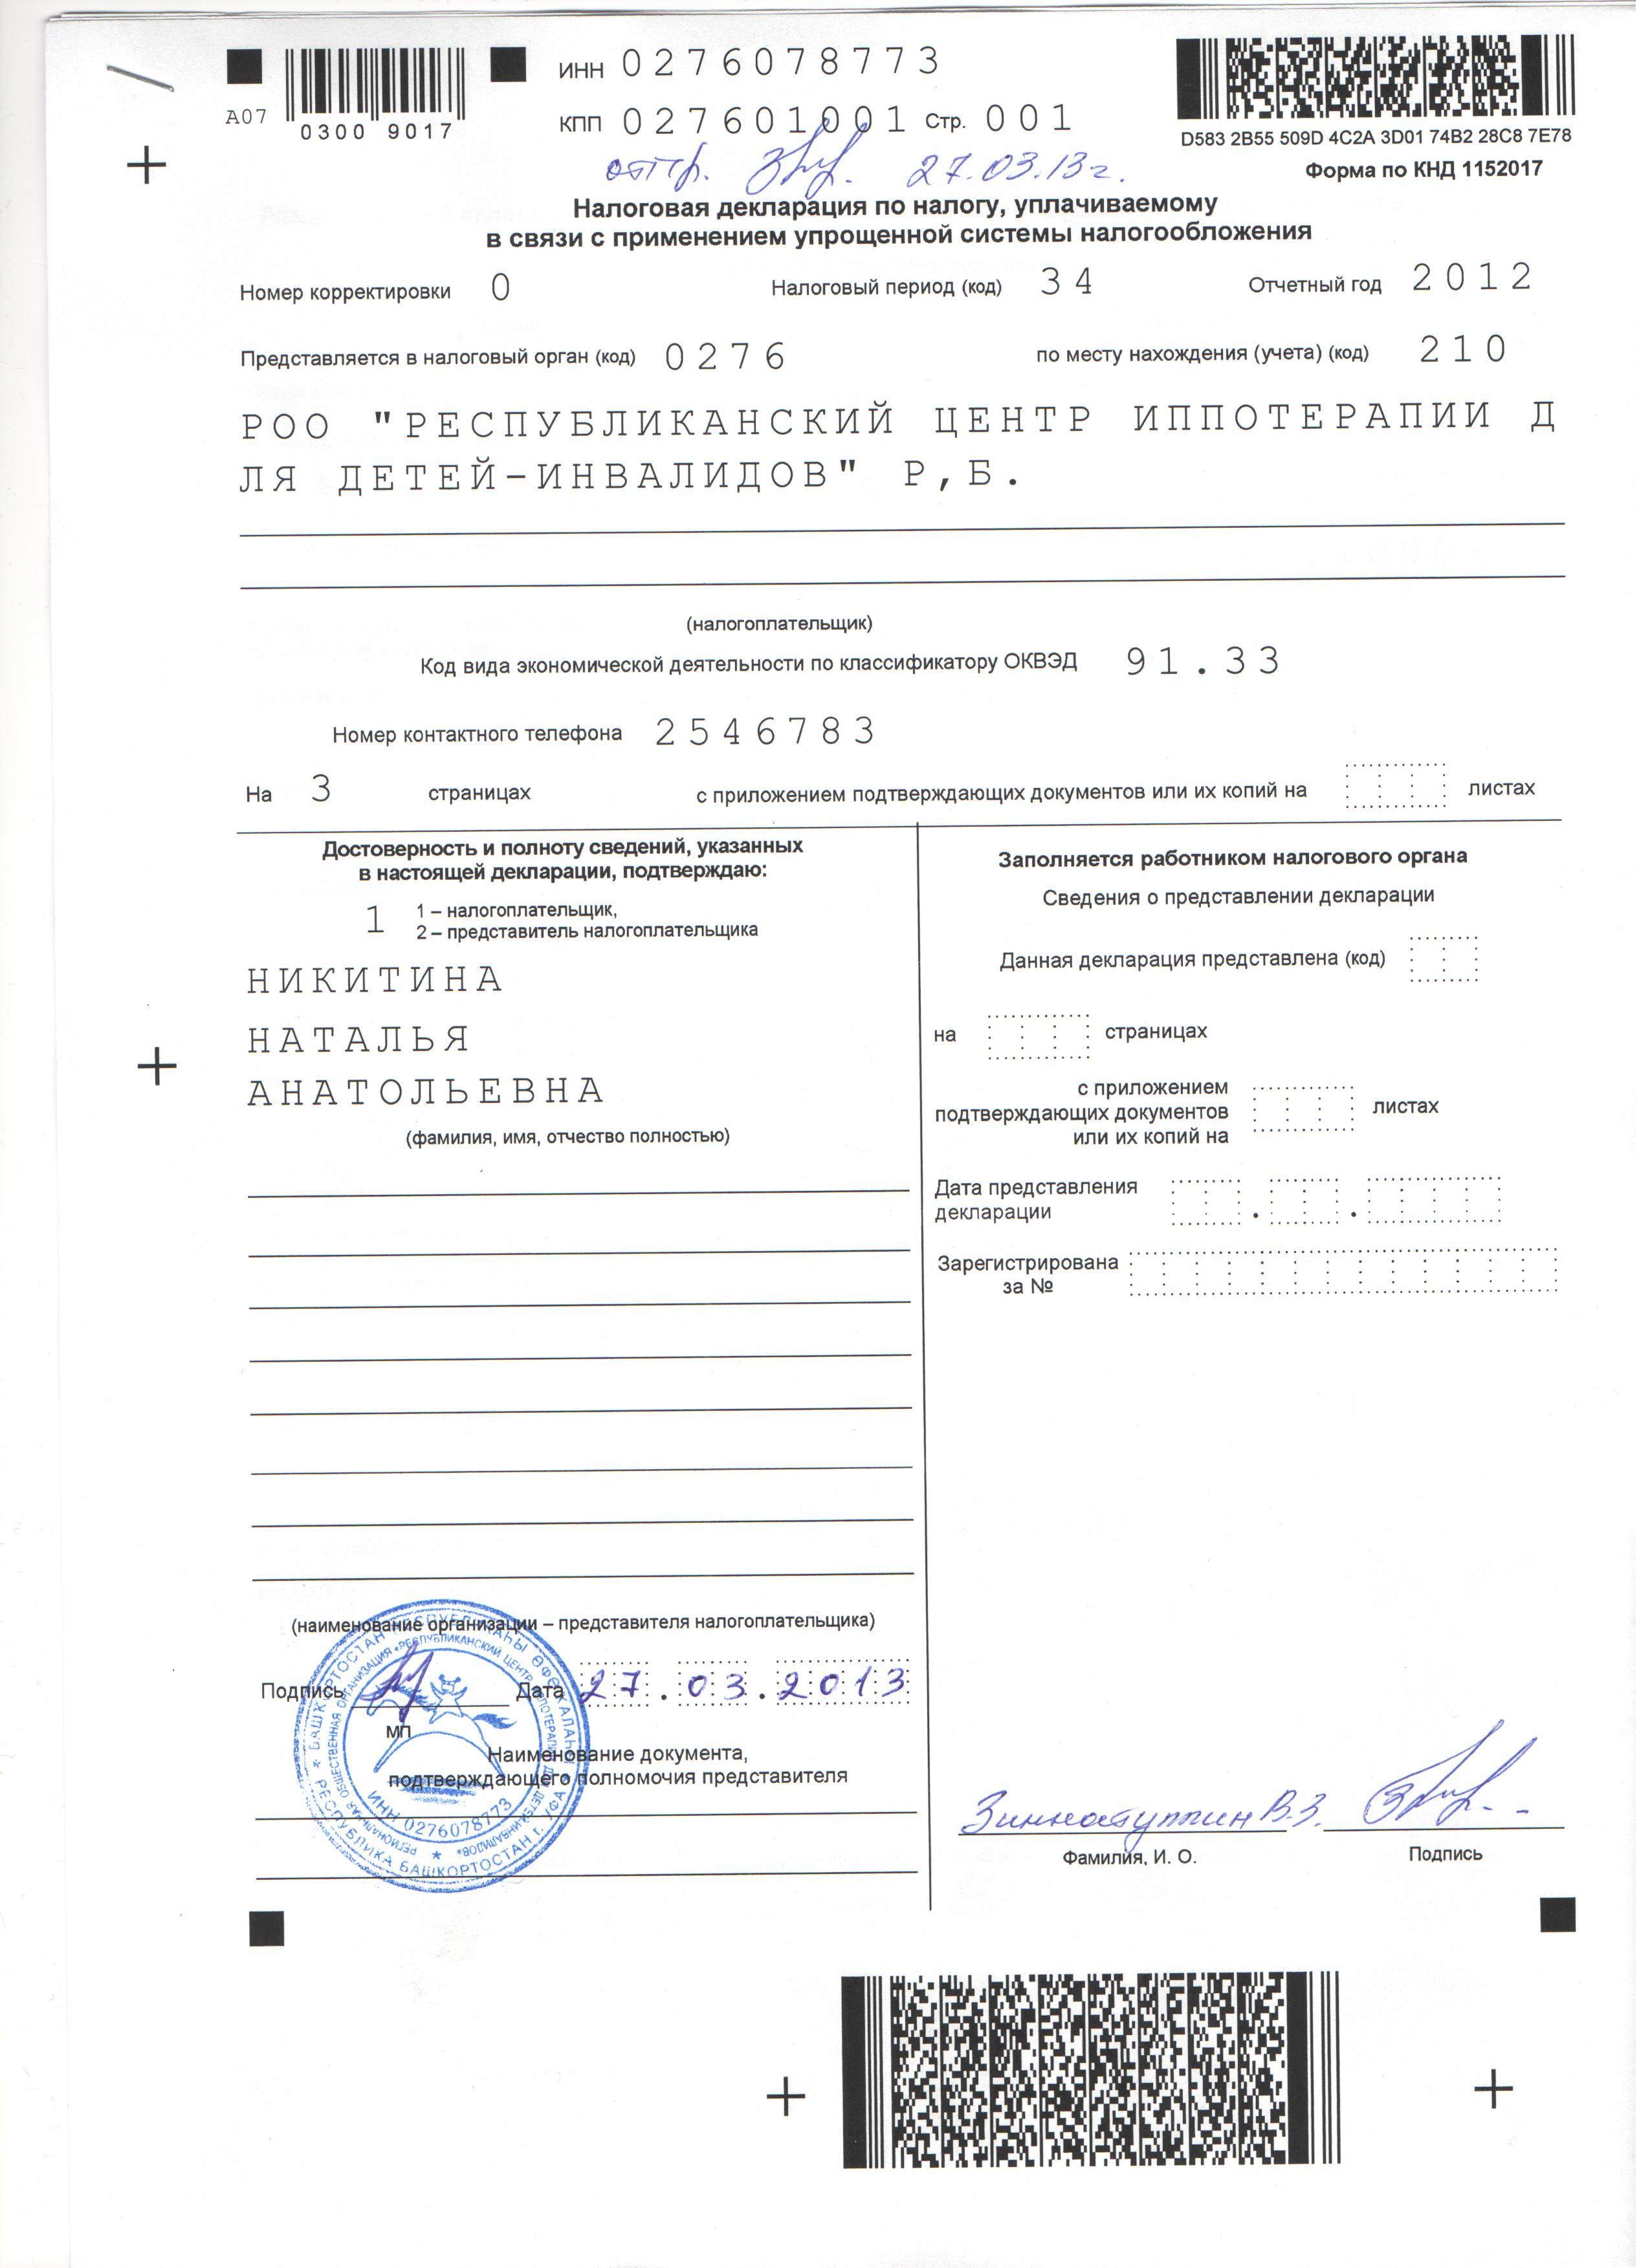 Годовой отчет 2012 год, 1 лист.jpg